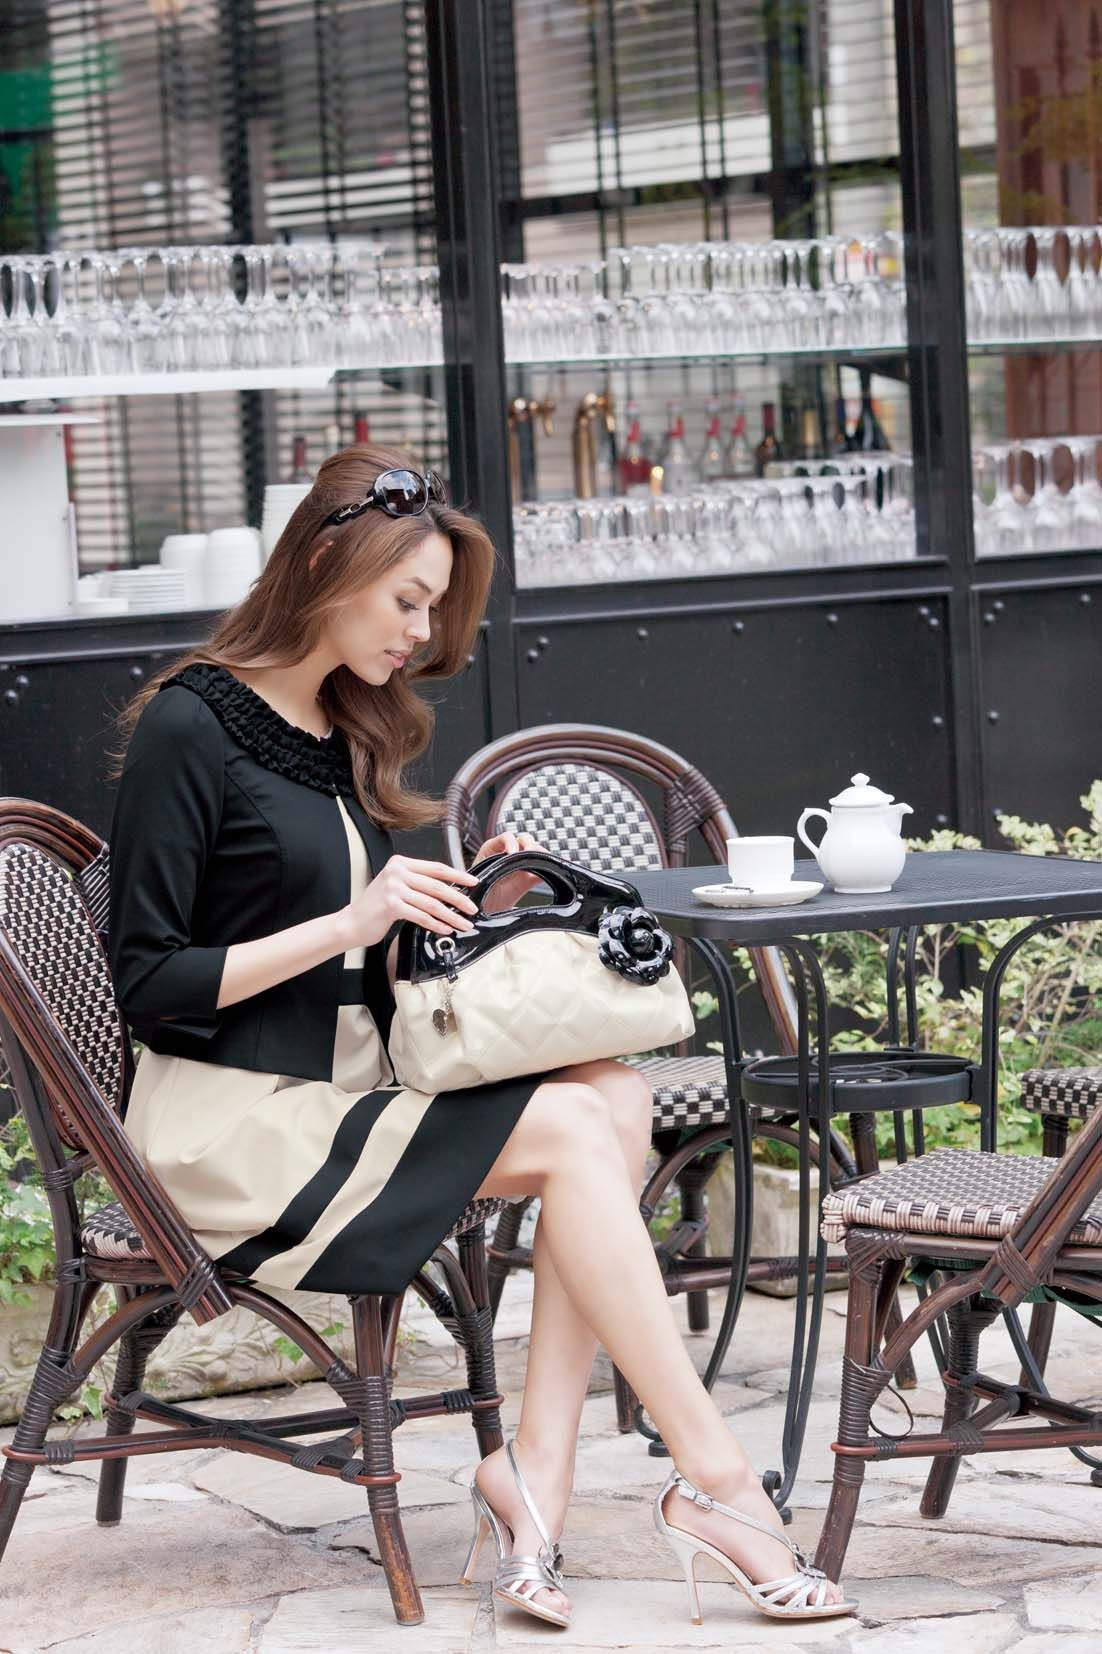 glam cafe   コーヒー女の子, ワーキングスタイル, マイスタイル